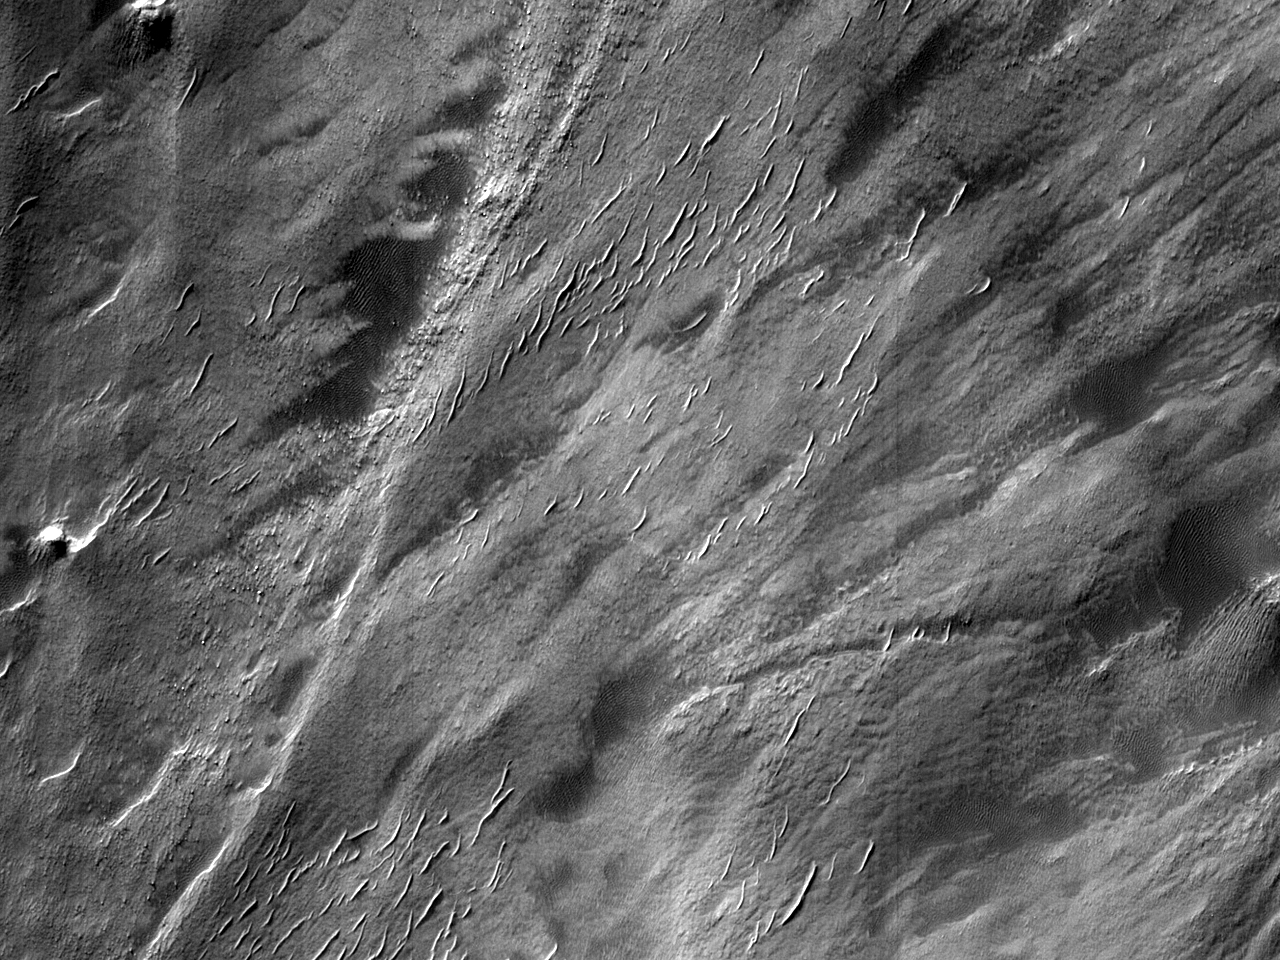 Предгорная аллювиальная равнина в форме лопасти в горах Nereidum Montes